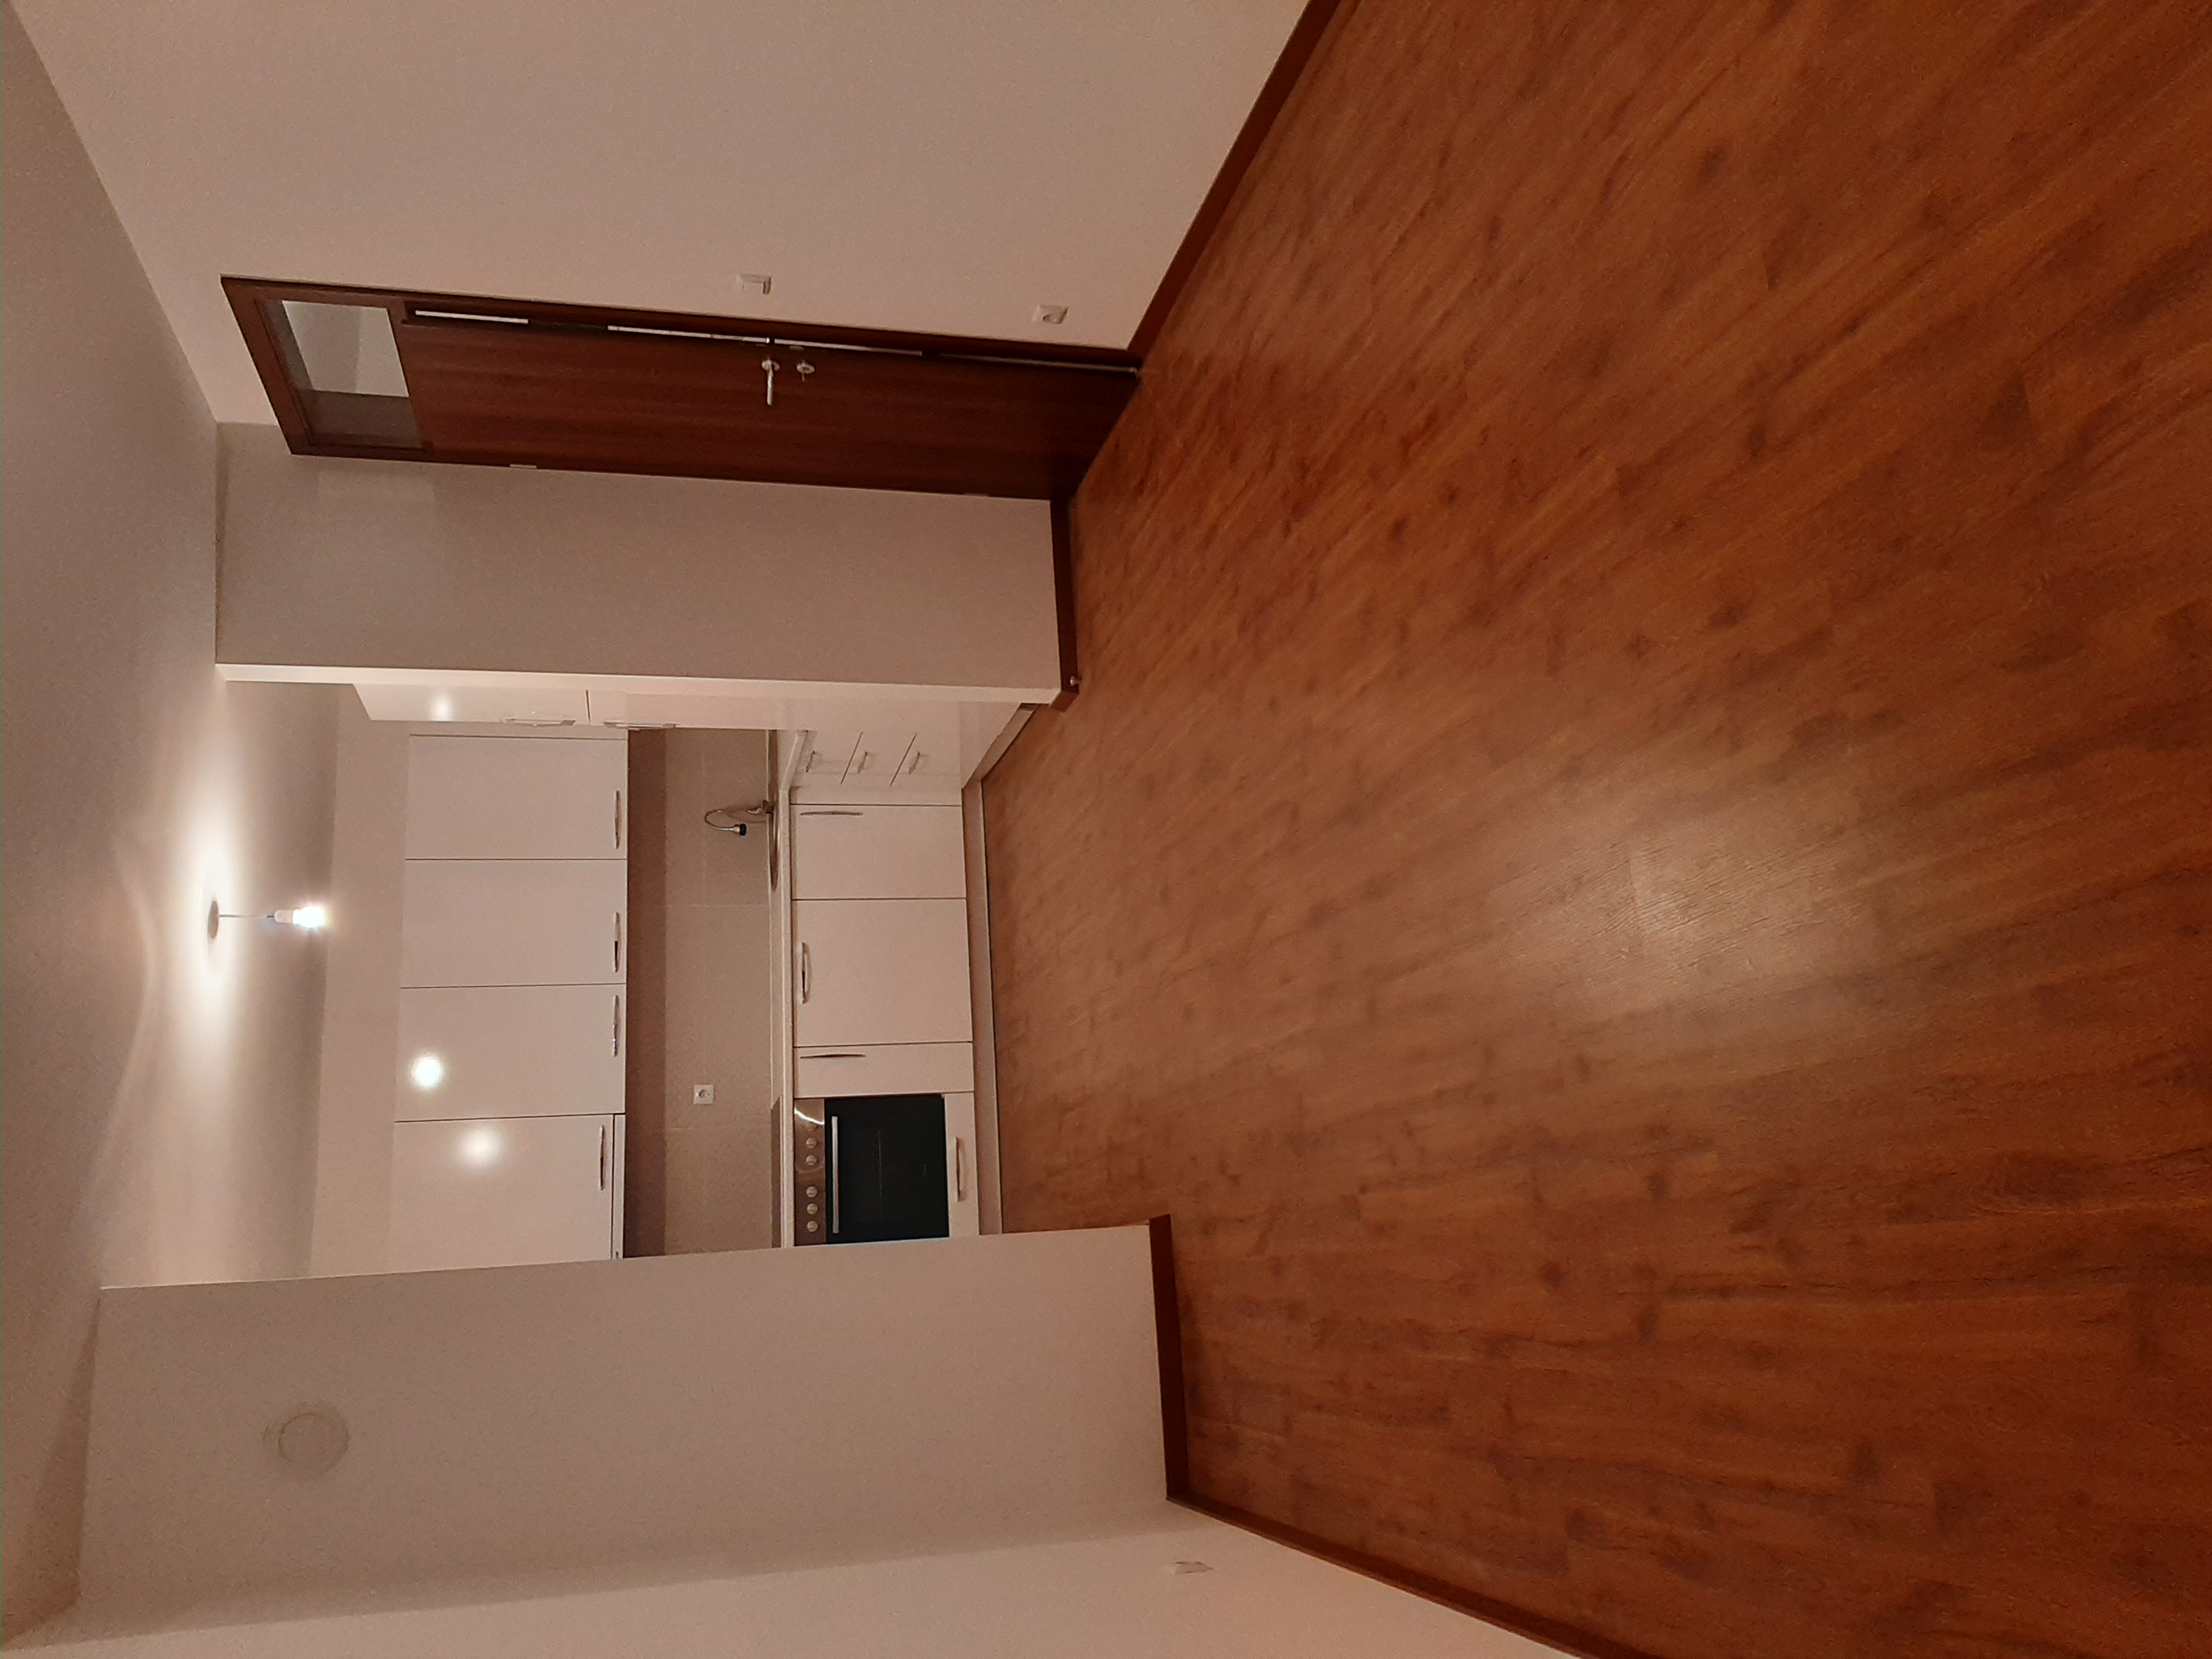 Ipet me qira banesa 3 dhomëshe 80m2 kati 1 në Fushë Kosovë